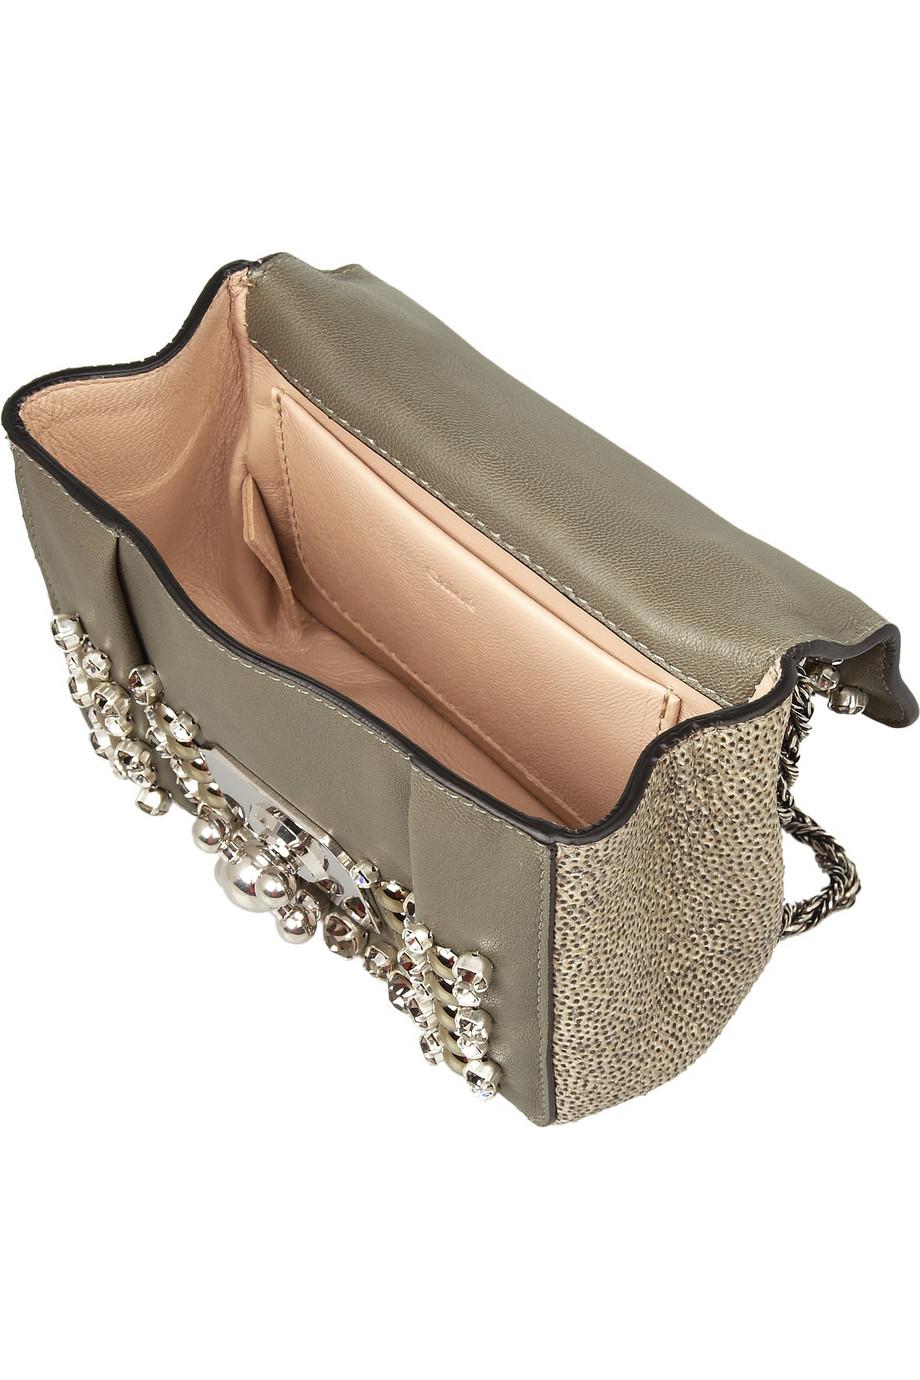 Chlo¨¦ Elsie Mini Embellished Watersnake Shoulder Bag in Gold | Lyst